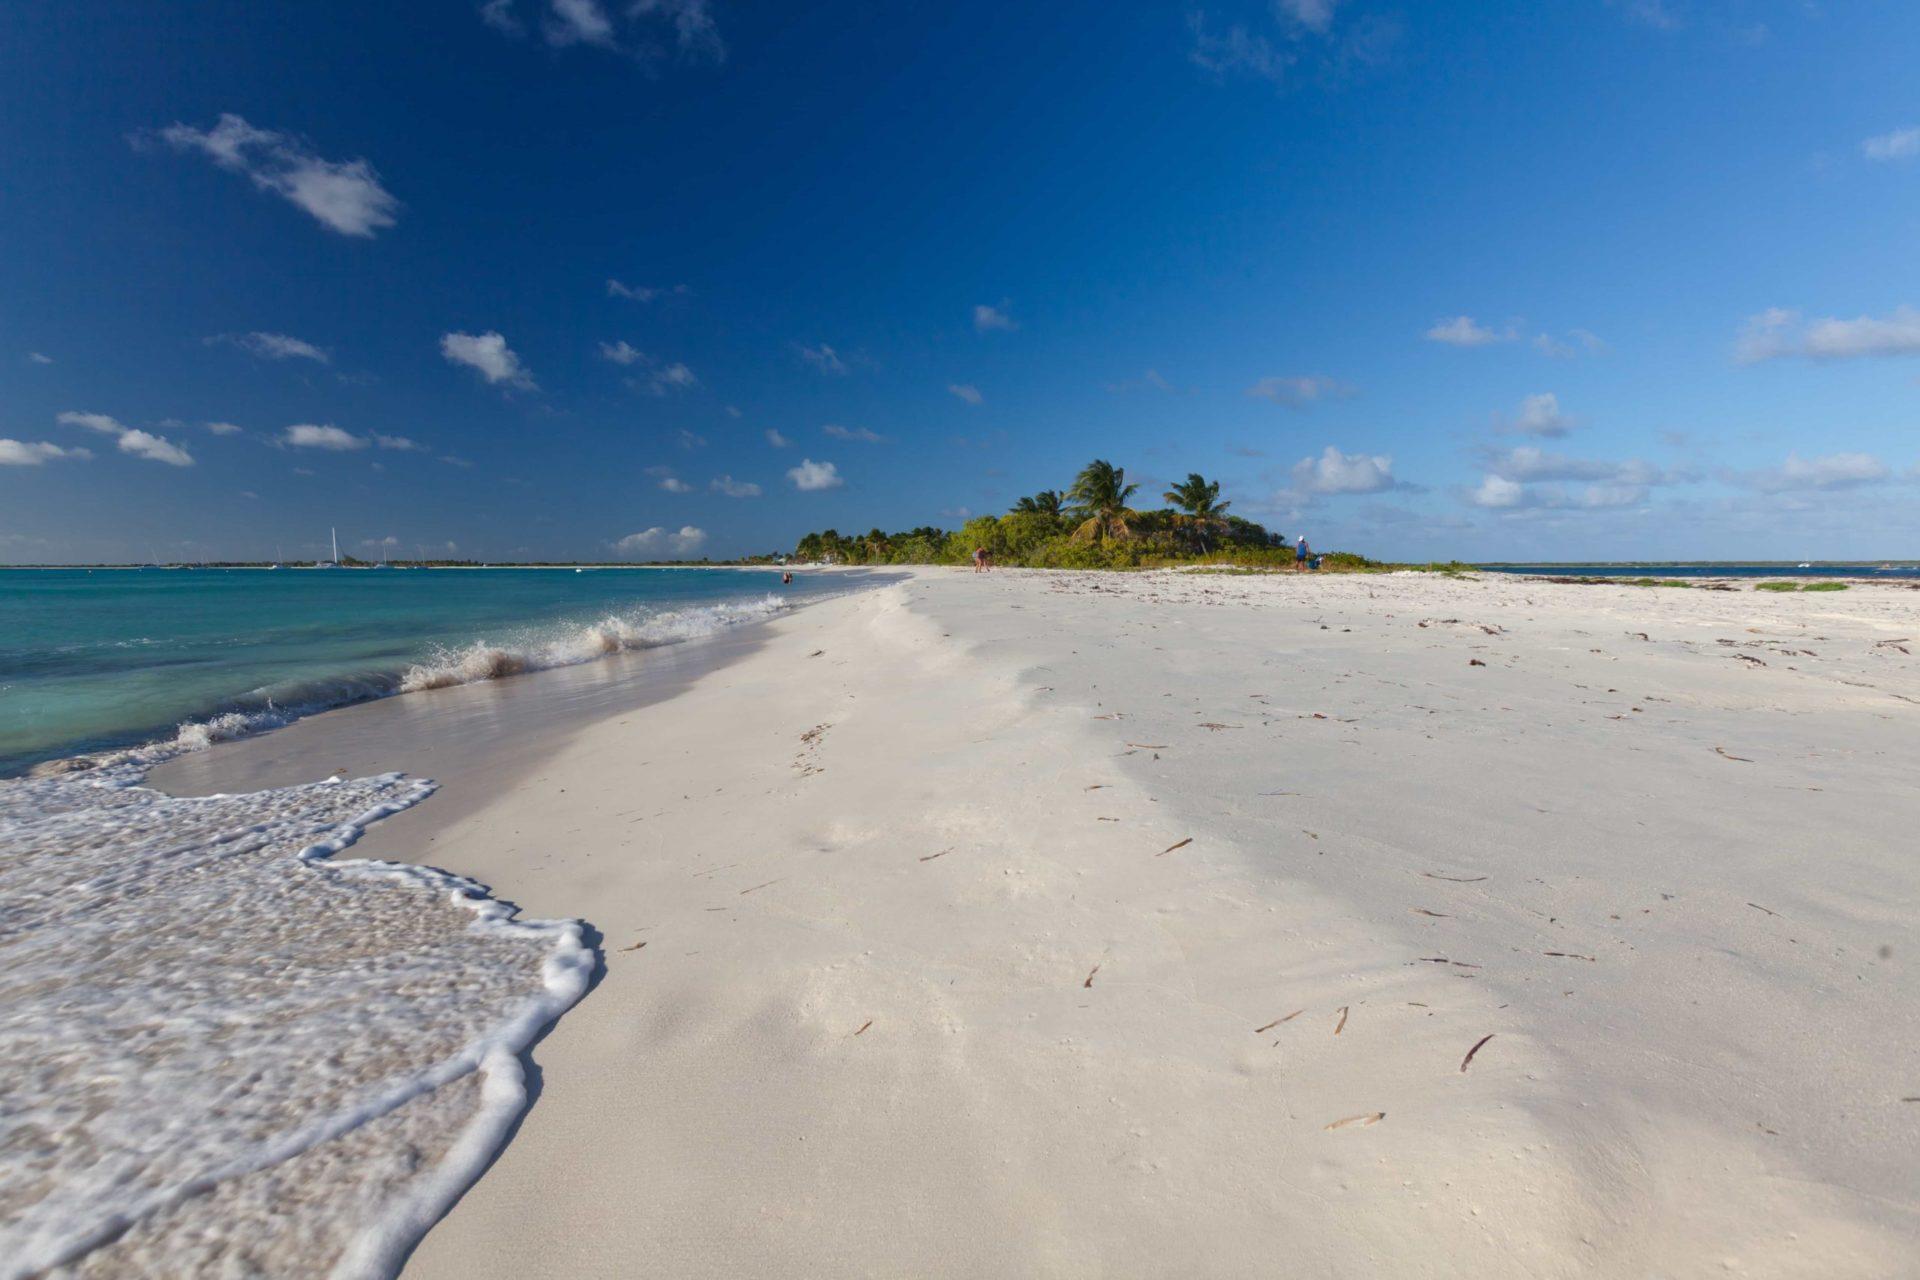 deserted white sand beach in Caribbean